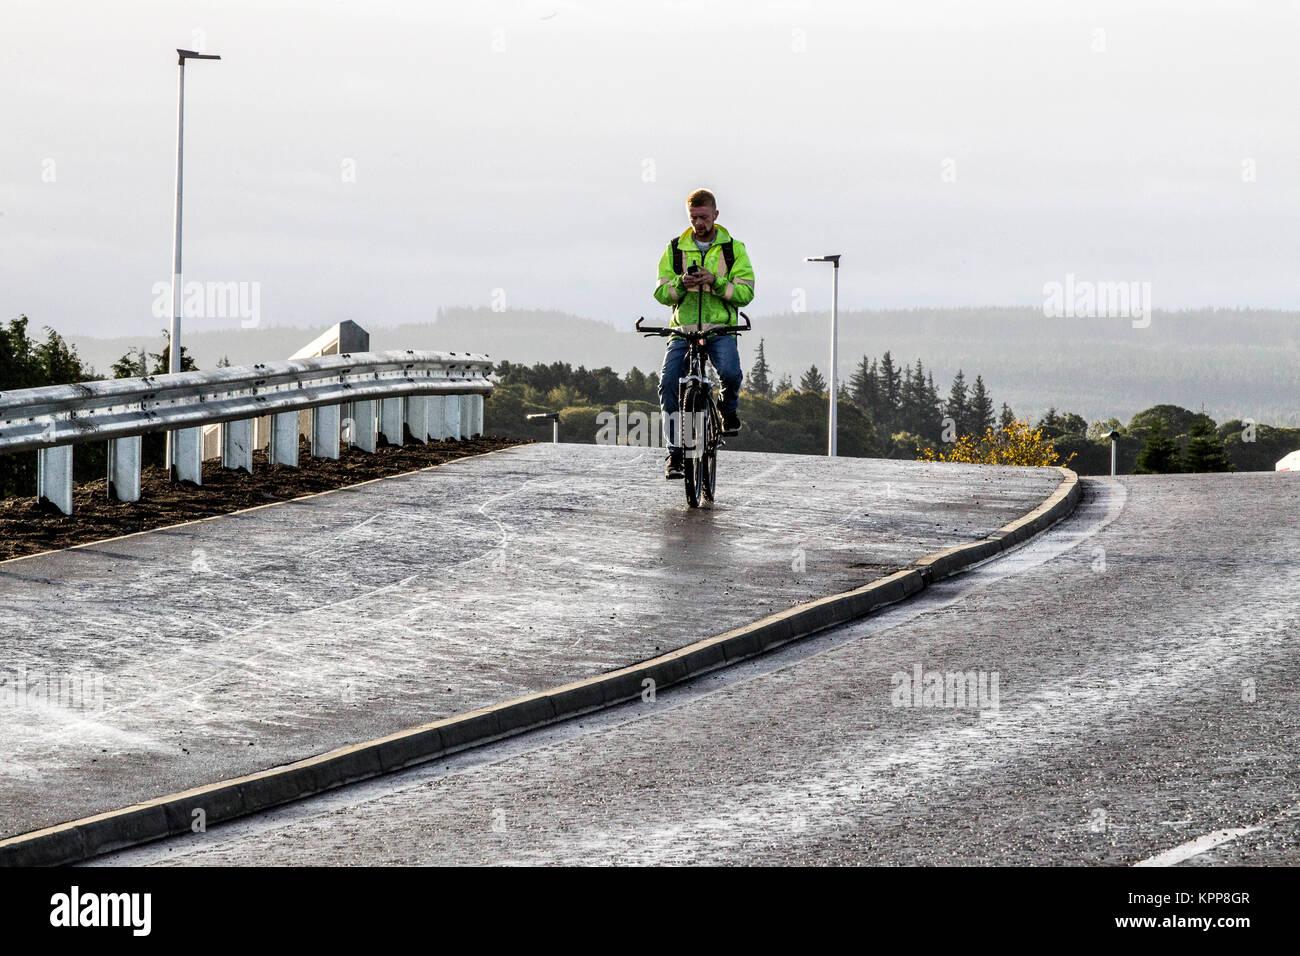 Ciclista a través de teléfono móvil, mientras que el ciclismo en pavimento/acera Imagen De Stock